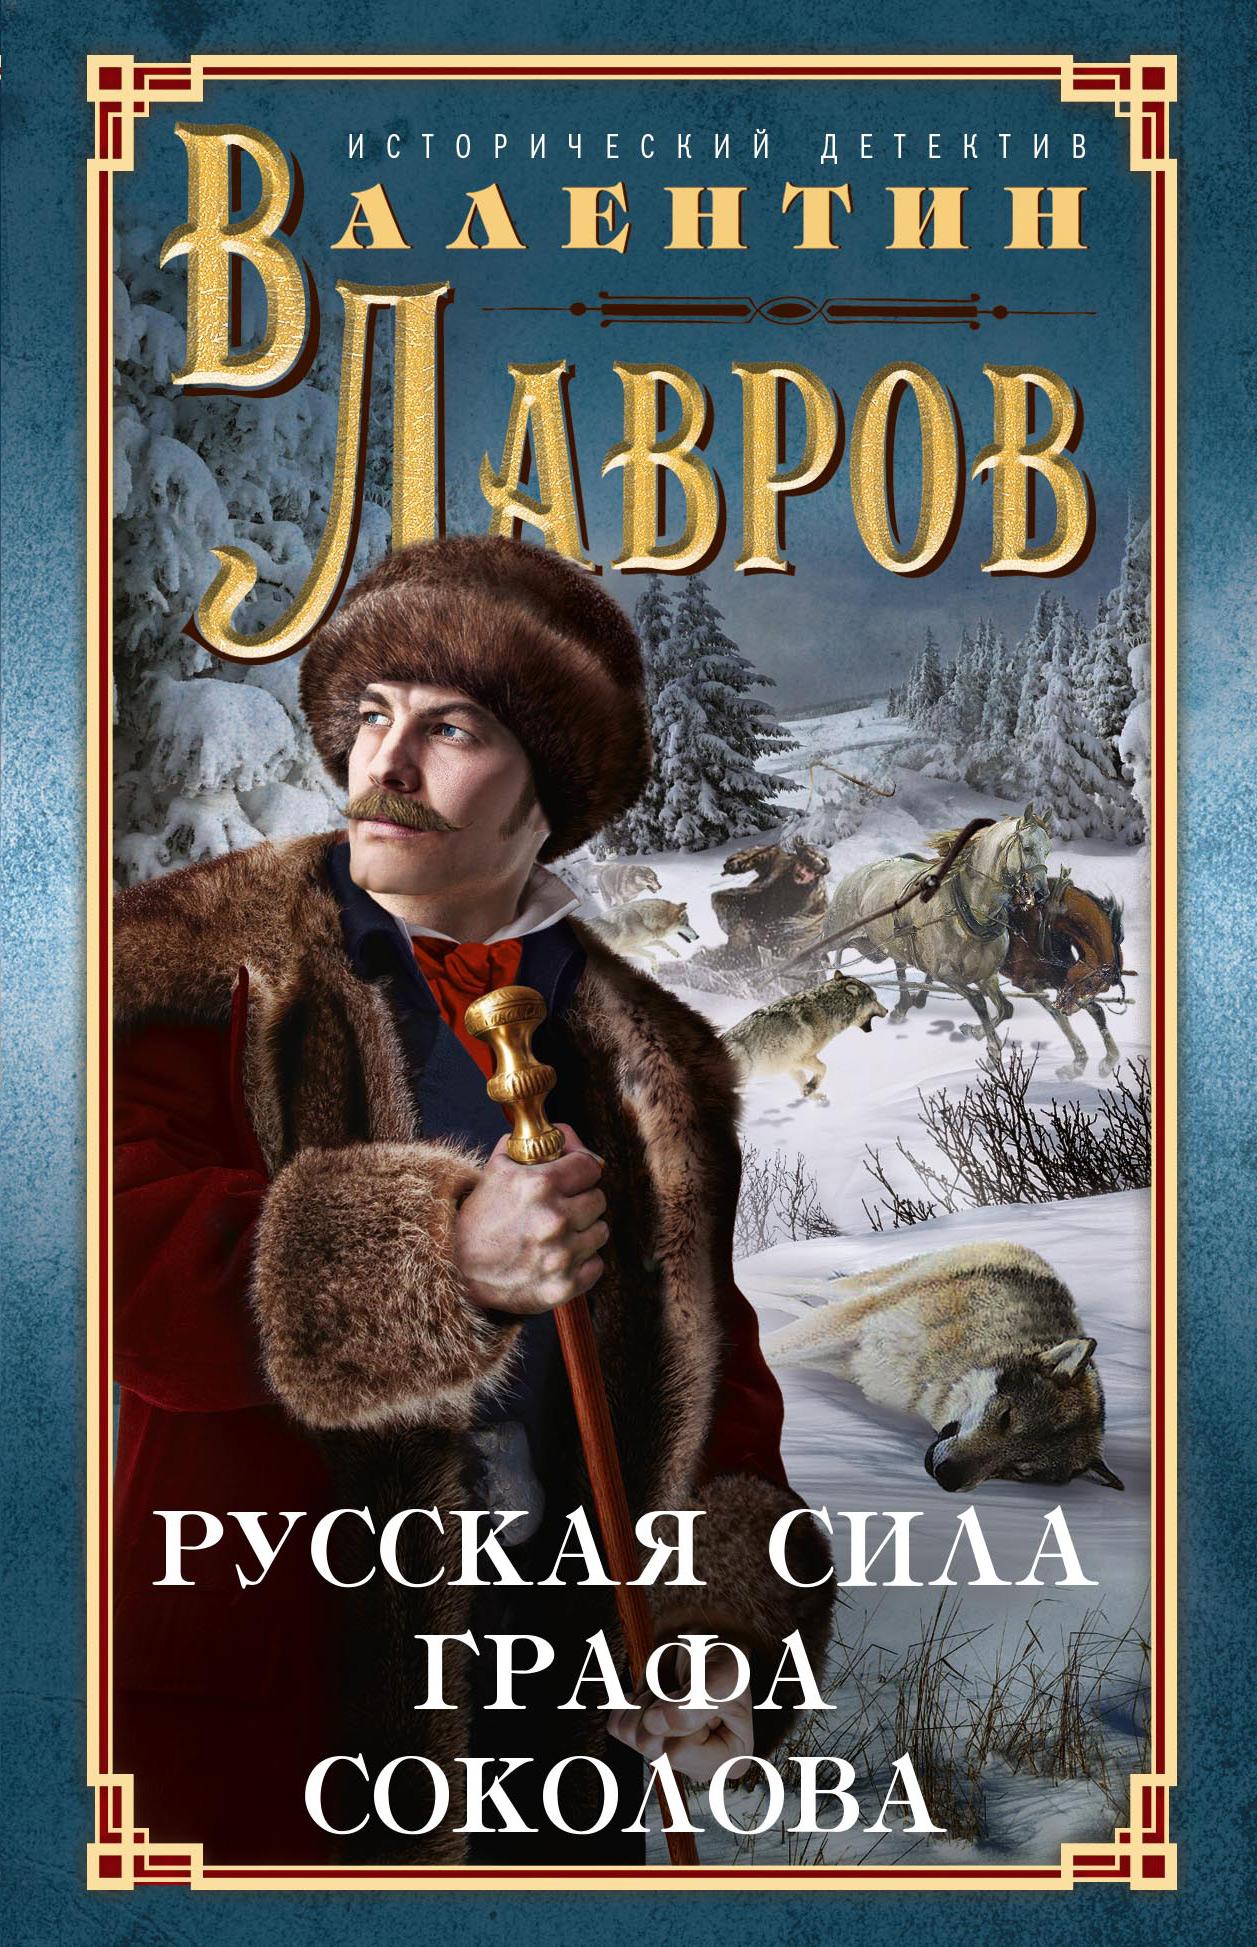 Валентин Лавров - Русская сила графа Соколова